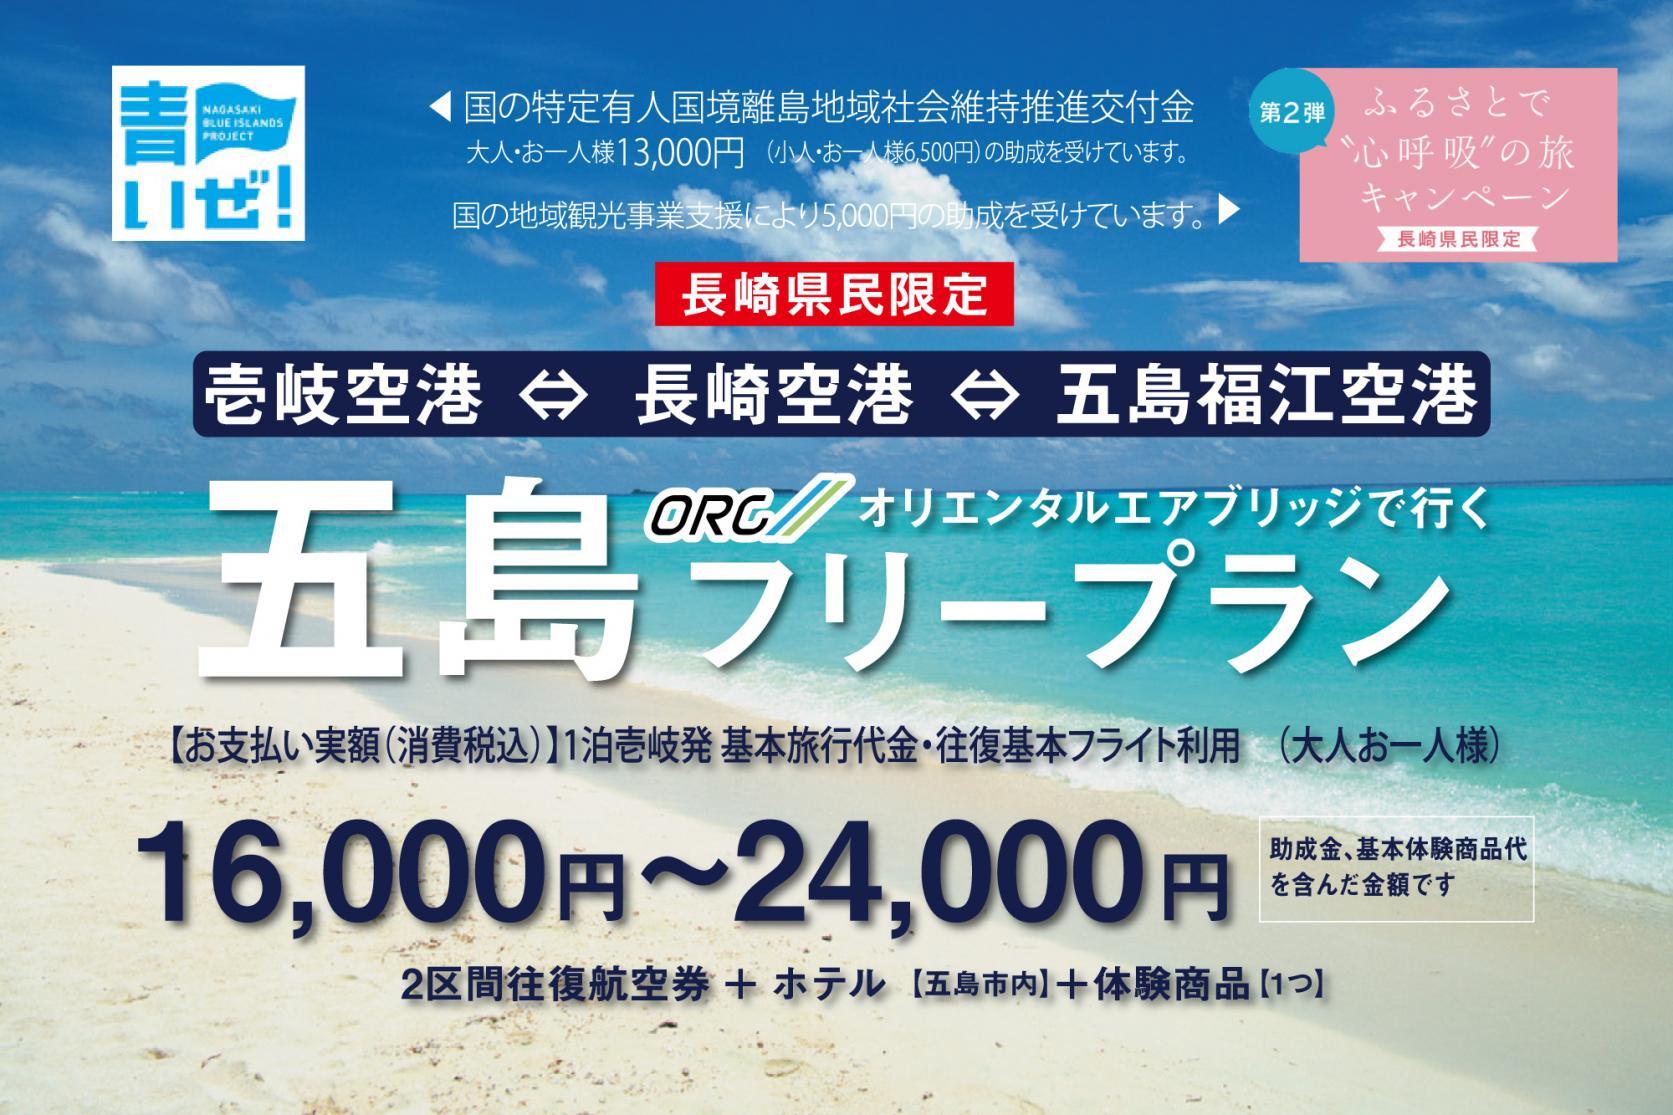 ORC/オリエンタルエアブリッジで行く 壱岐⇒五島フリープラン-1